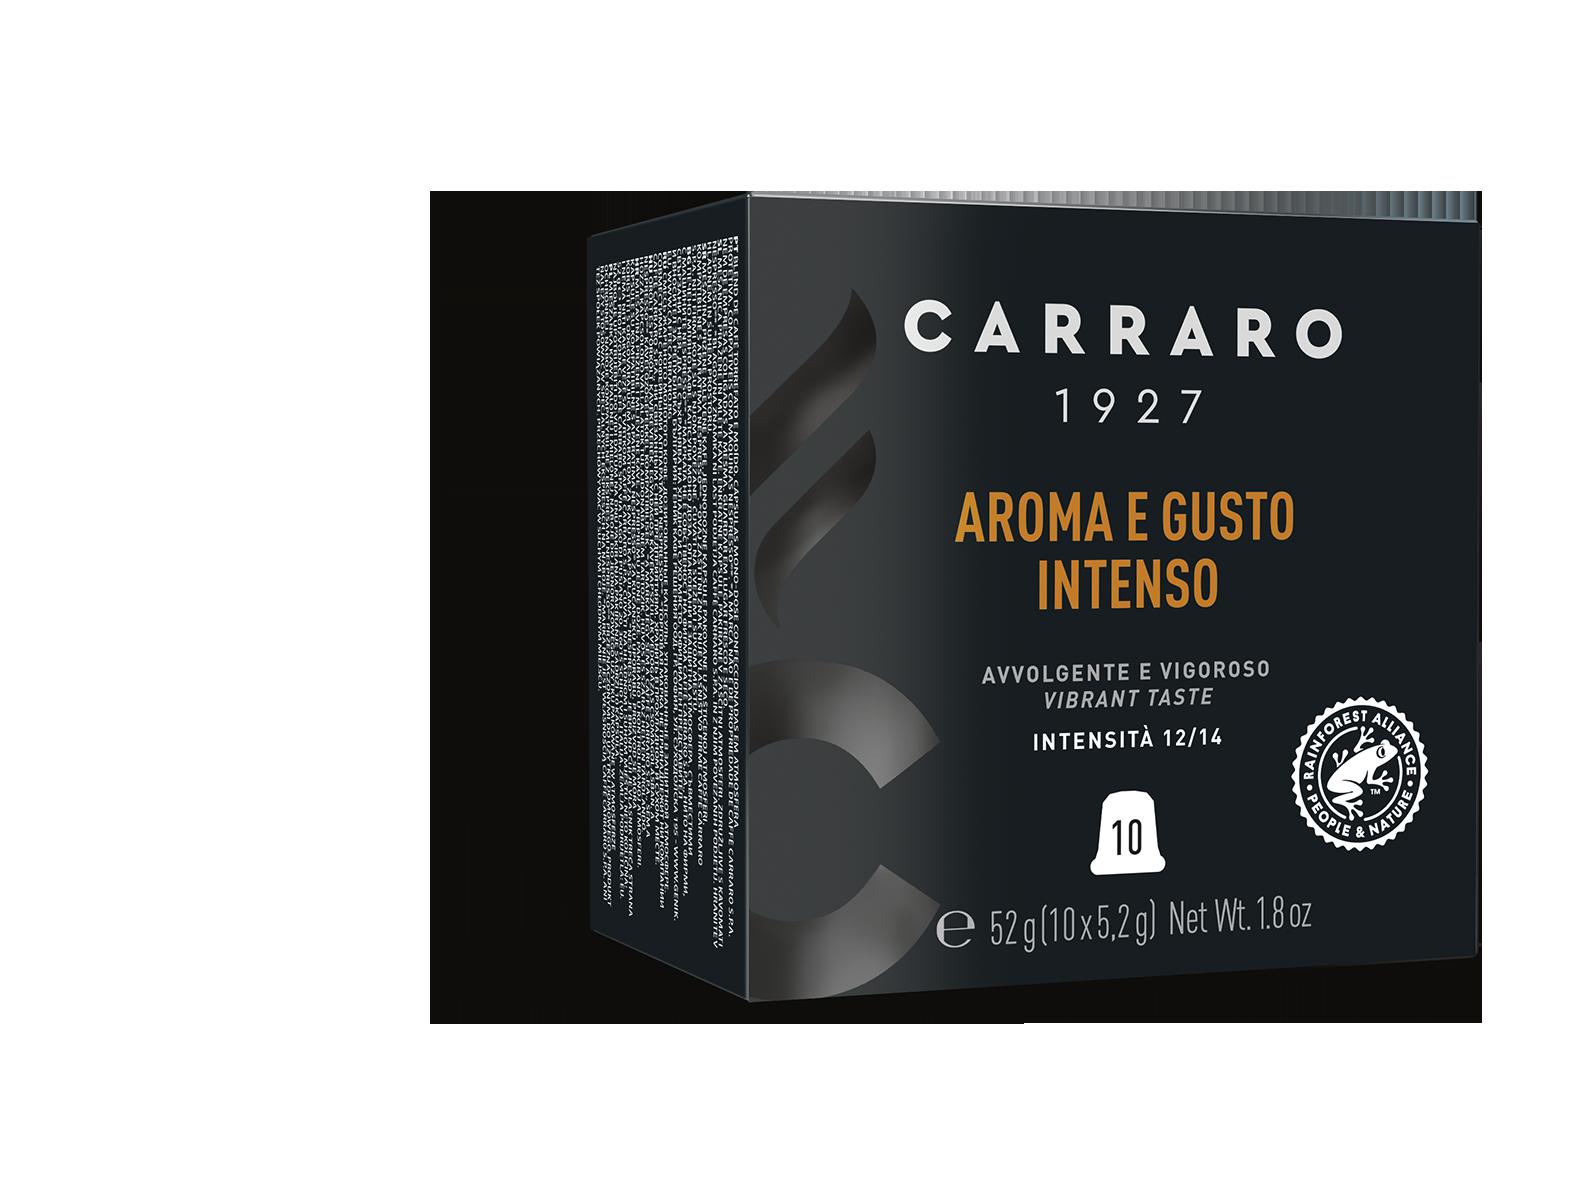 Aroma e Gusto Intenso – 10 capsule premium in astuccio cubo